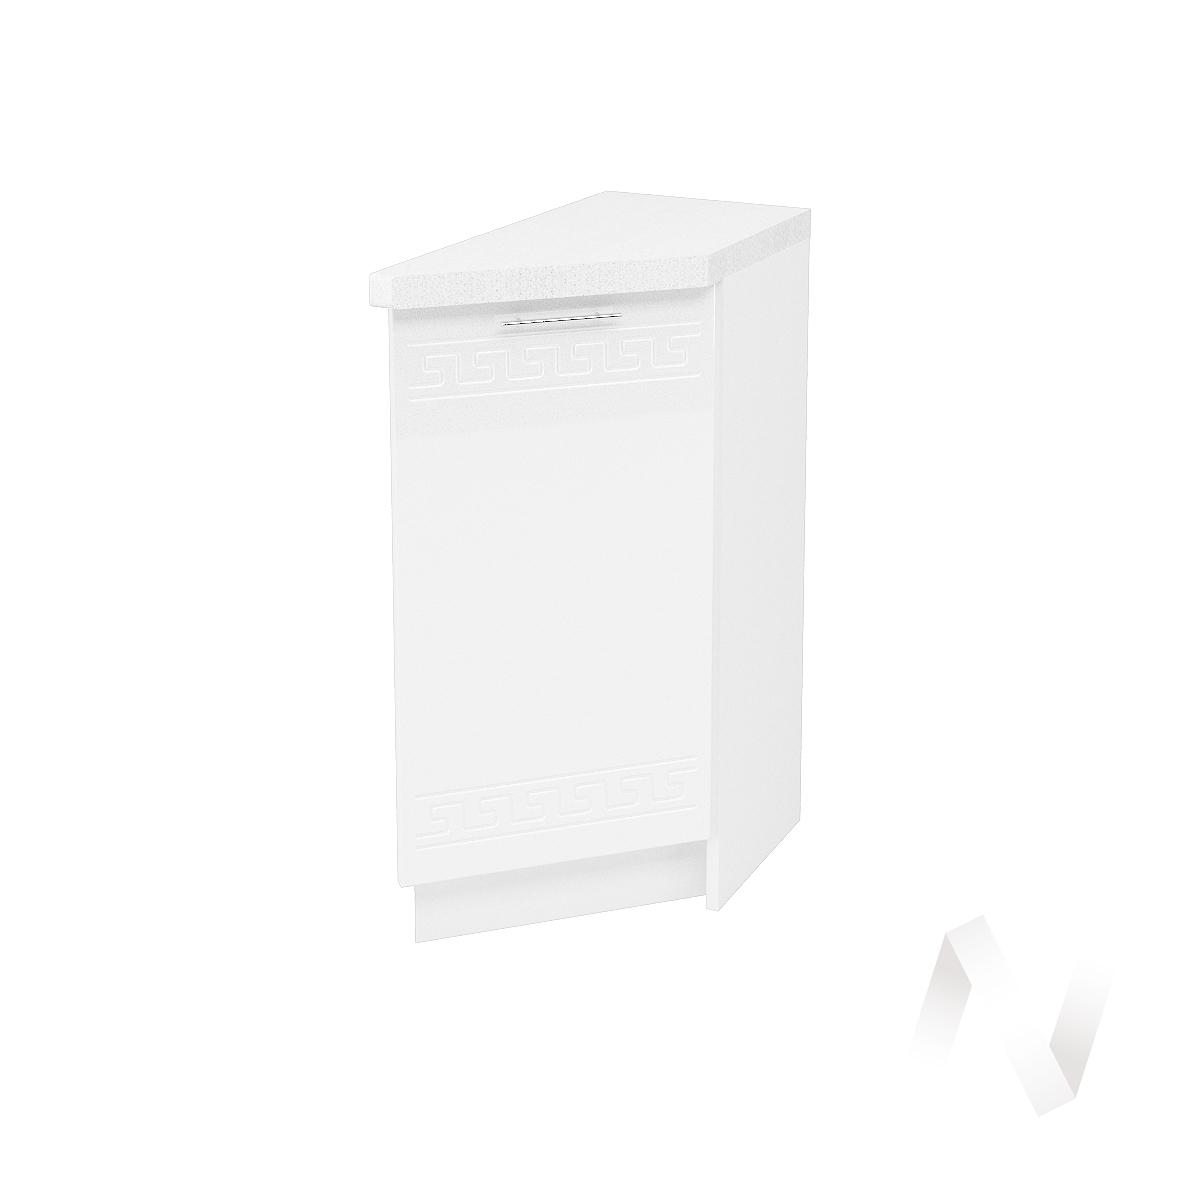 """Кухня """"Греция"""": Шкаф нижний торцевой 300, ШНТ 300 (белый металлик/корпус белый)"""